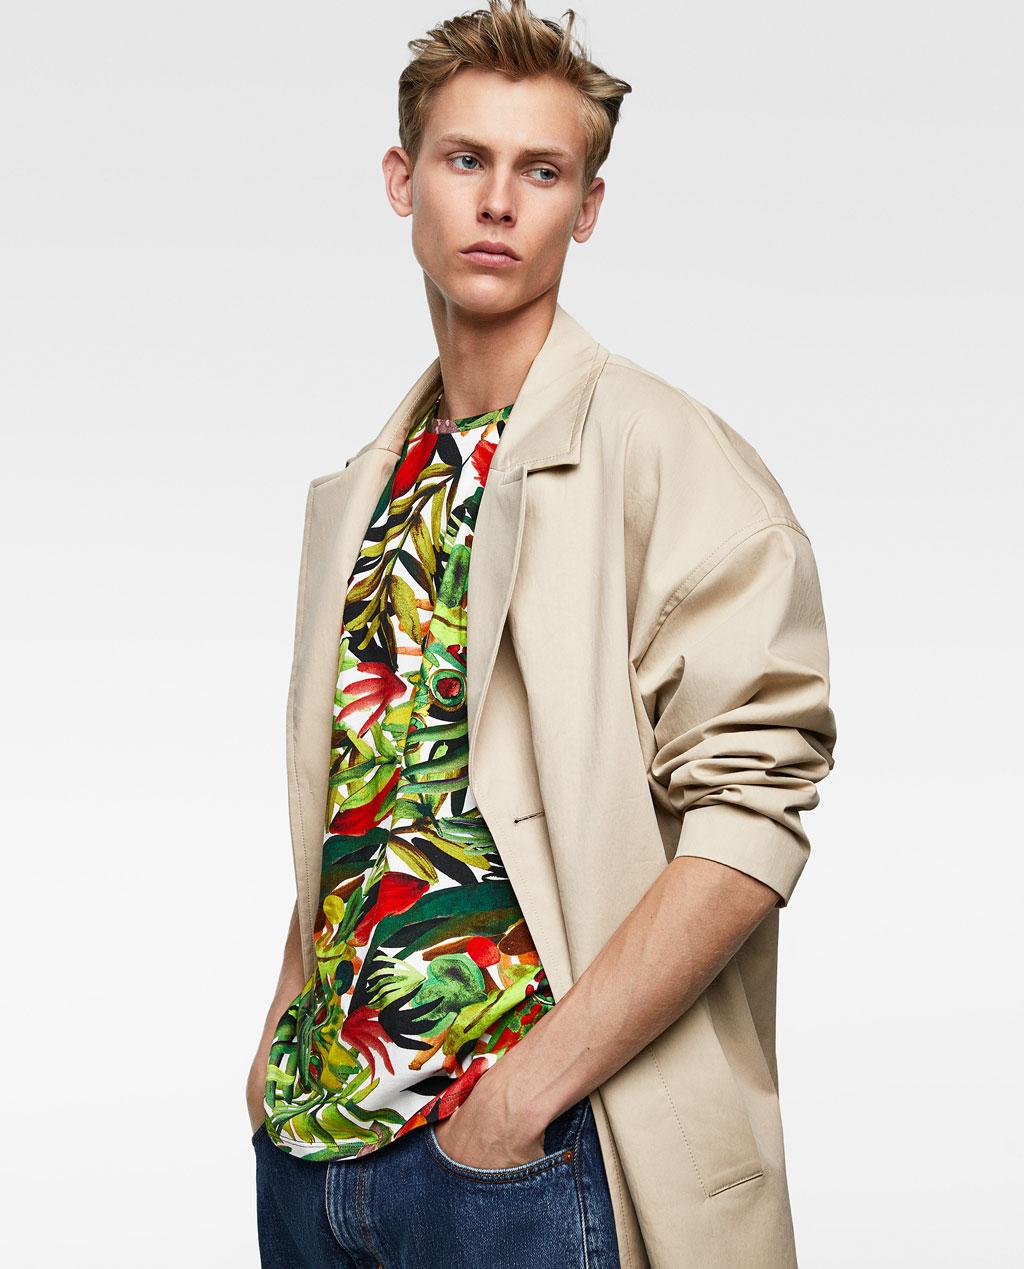 Thời trang nam Zara  24112 - ảnh 6